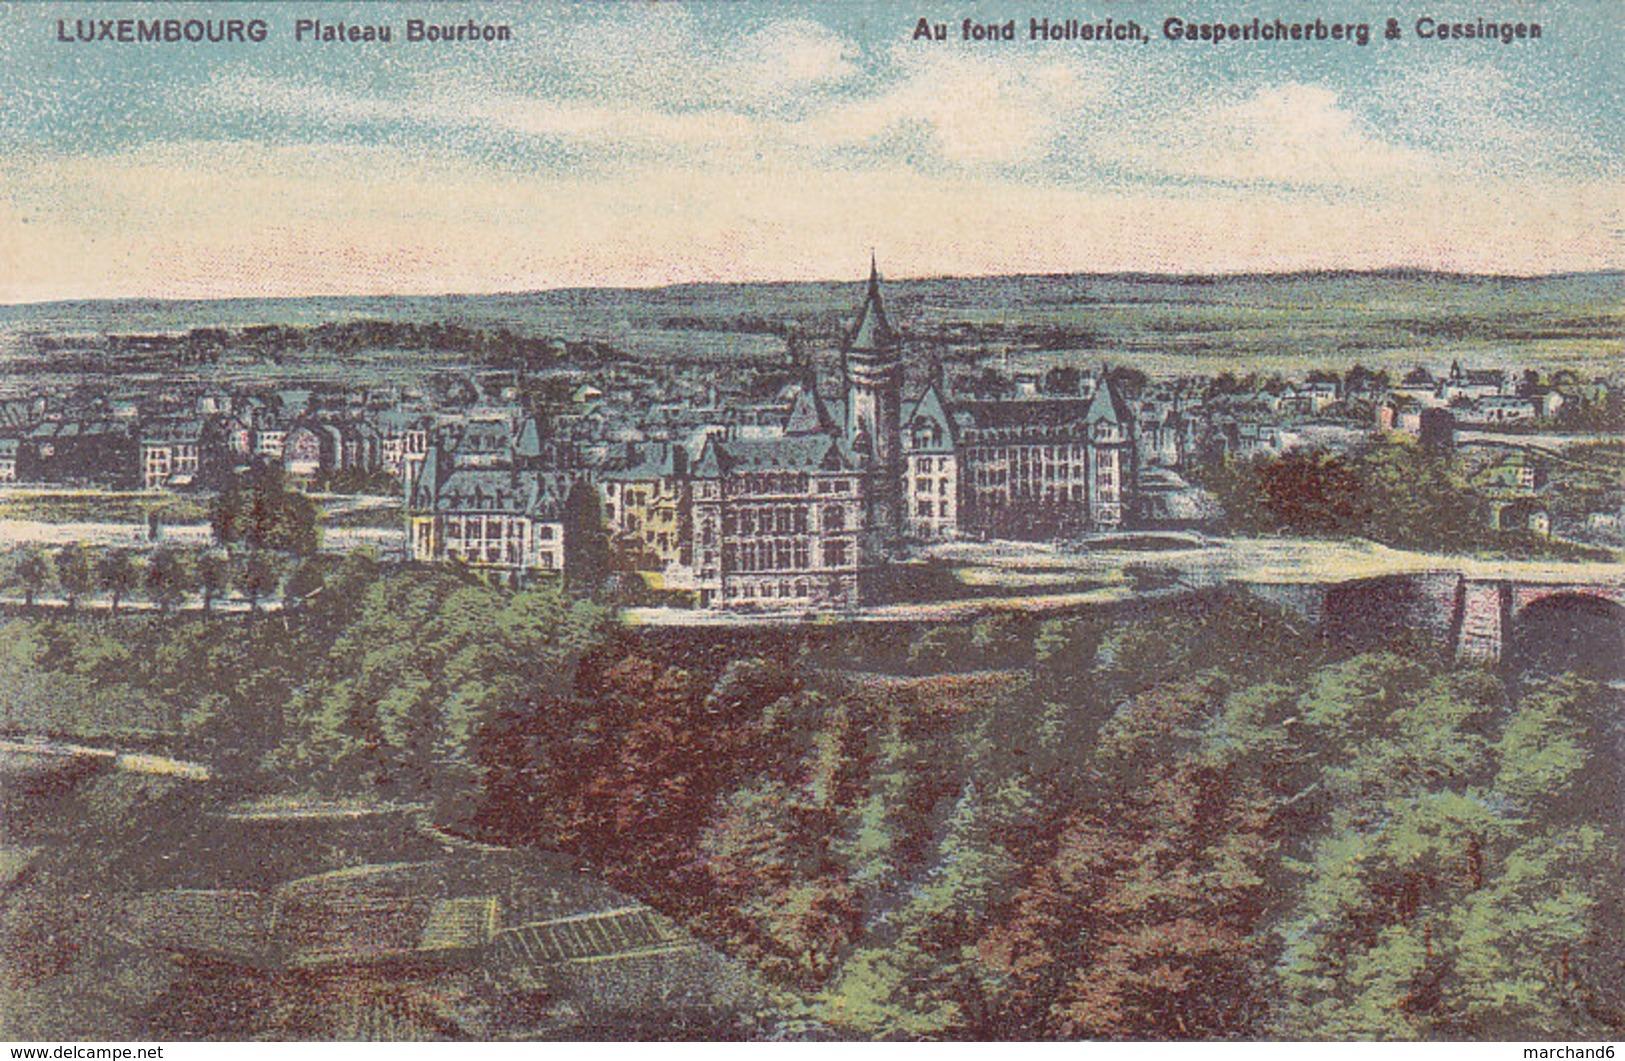 Luxembourg Plateau Bourbon Au Fond Hollerich Gaspericherberg & Cessingen éditeur Maison De Gros P Houstraas N°40 - Luxembourg - Ville